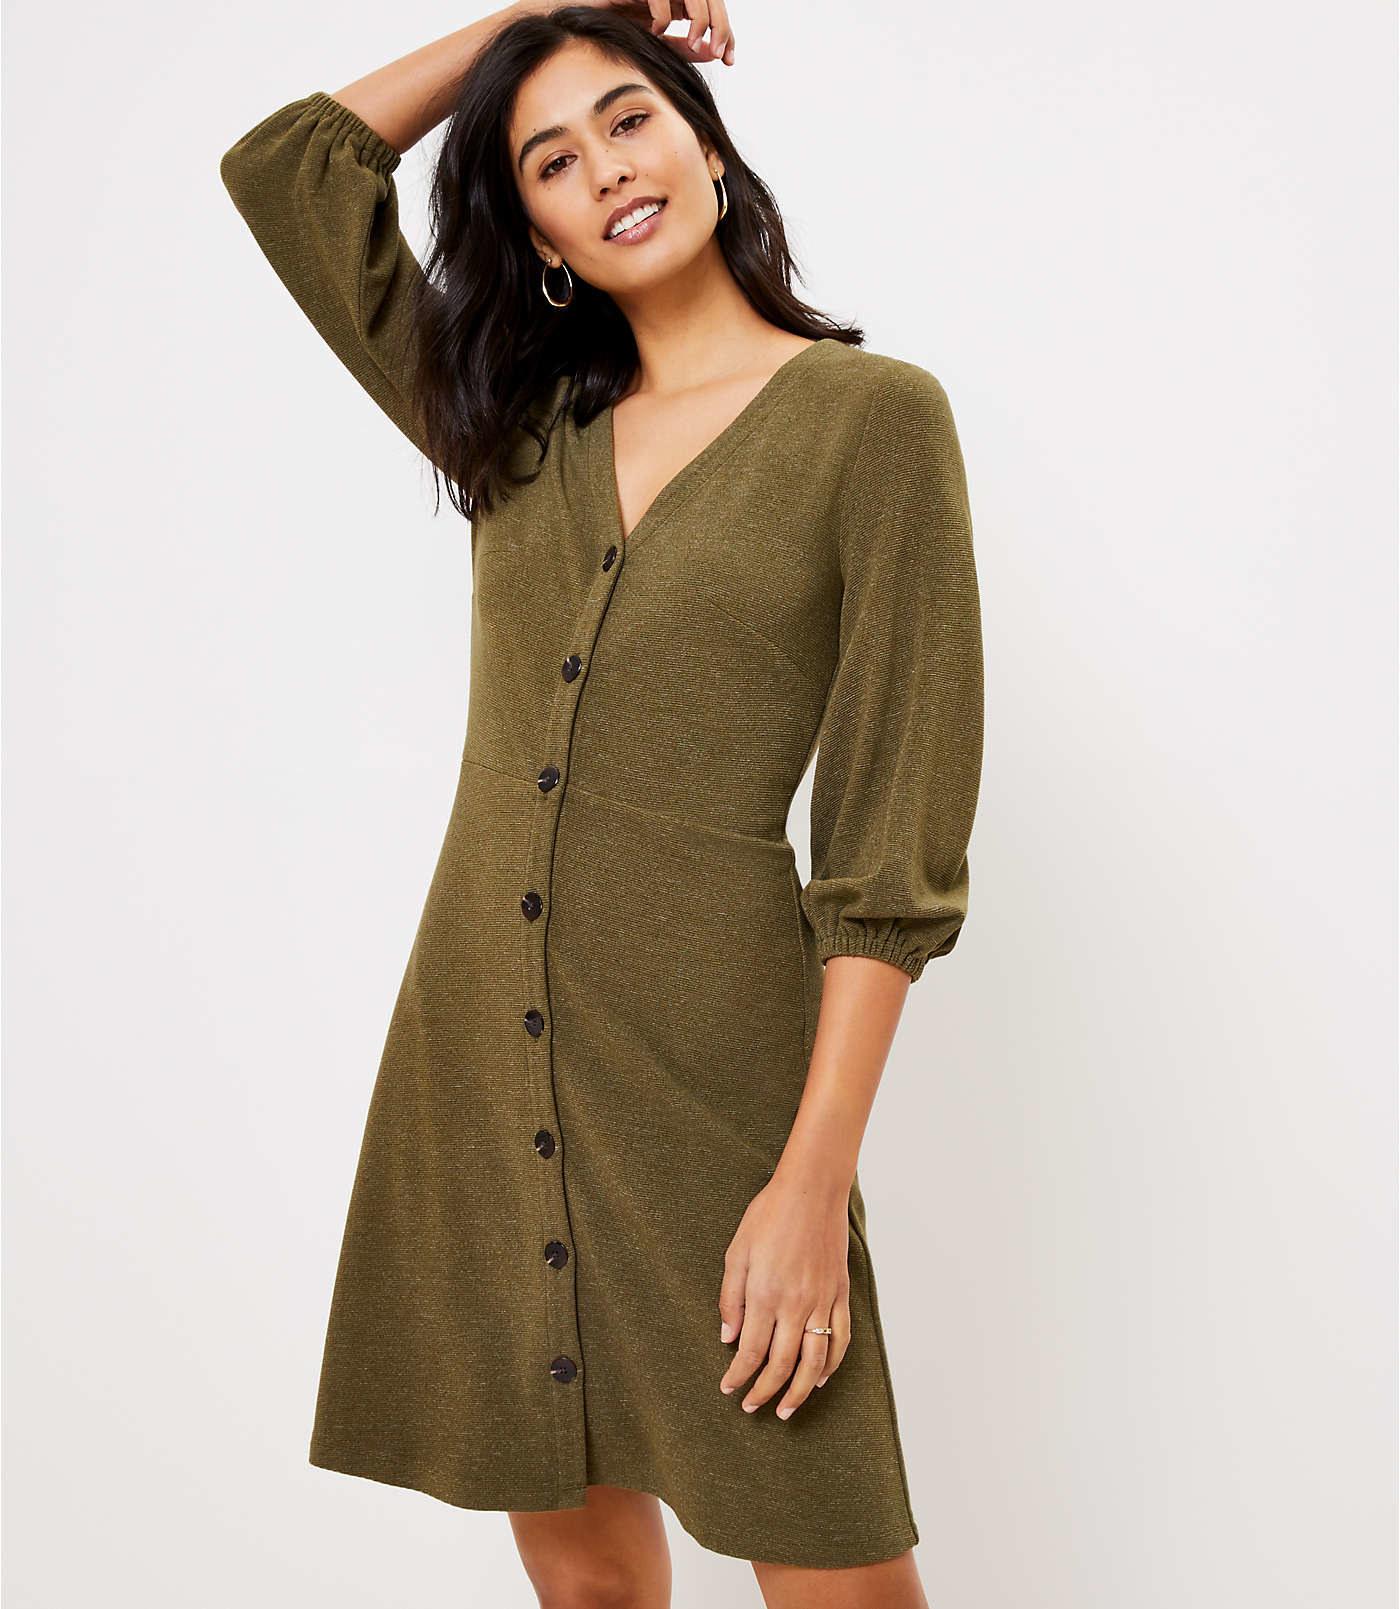 model wearing the V-neck green dress